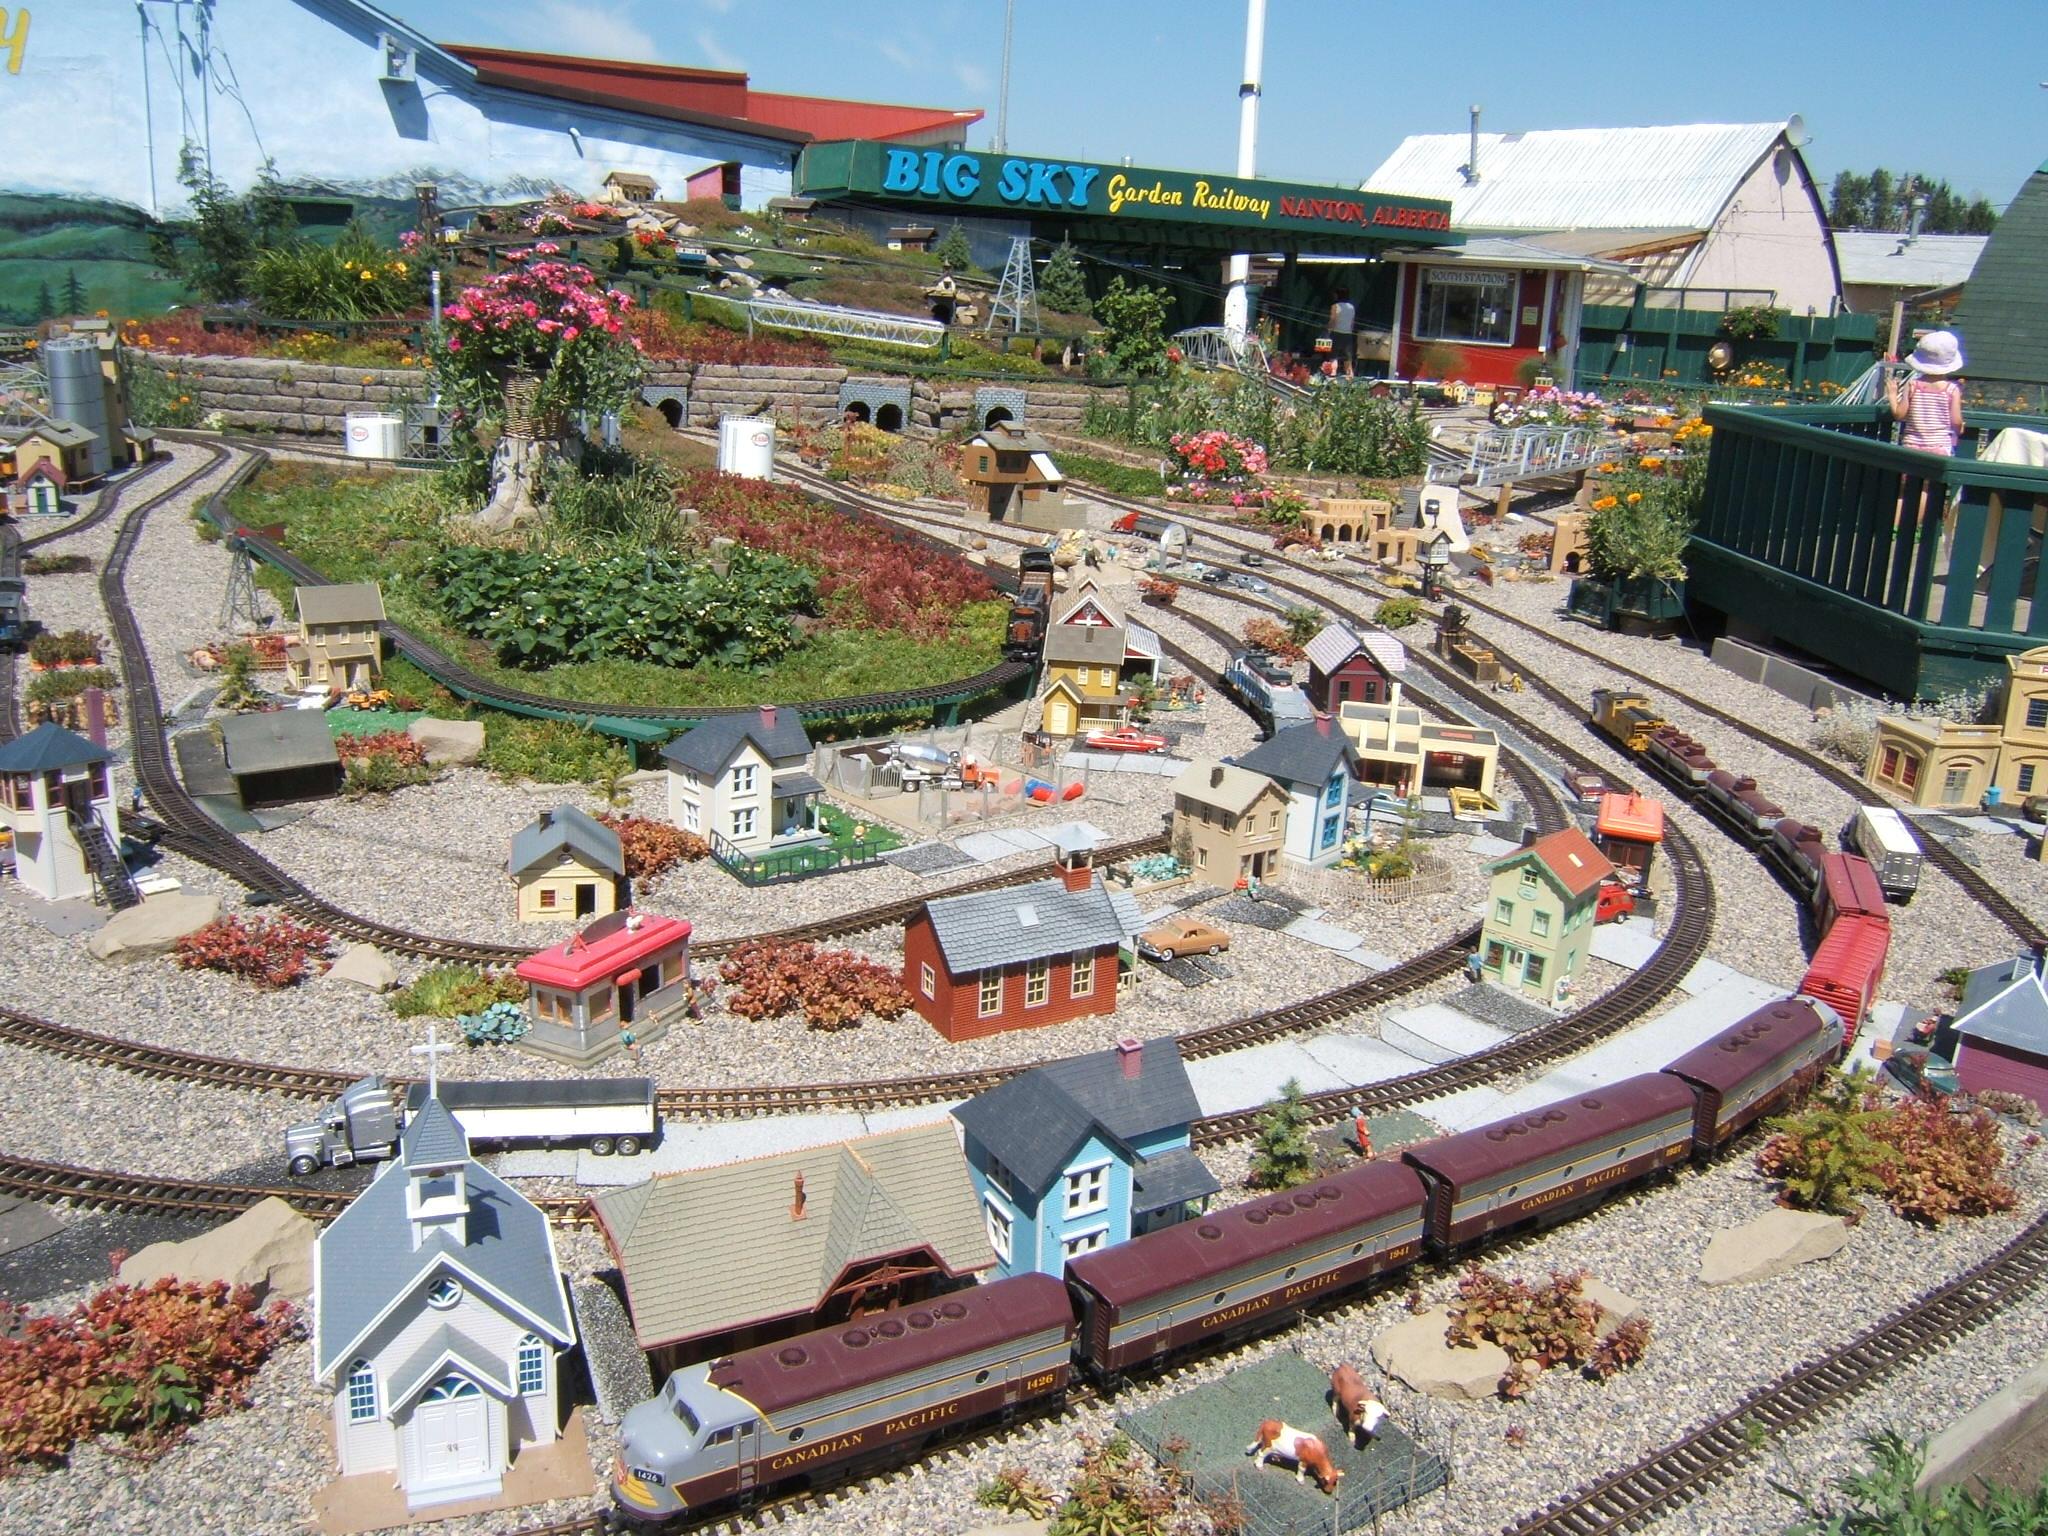 Garden railway, Nanton AB - panoramio